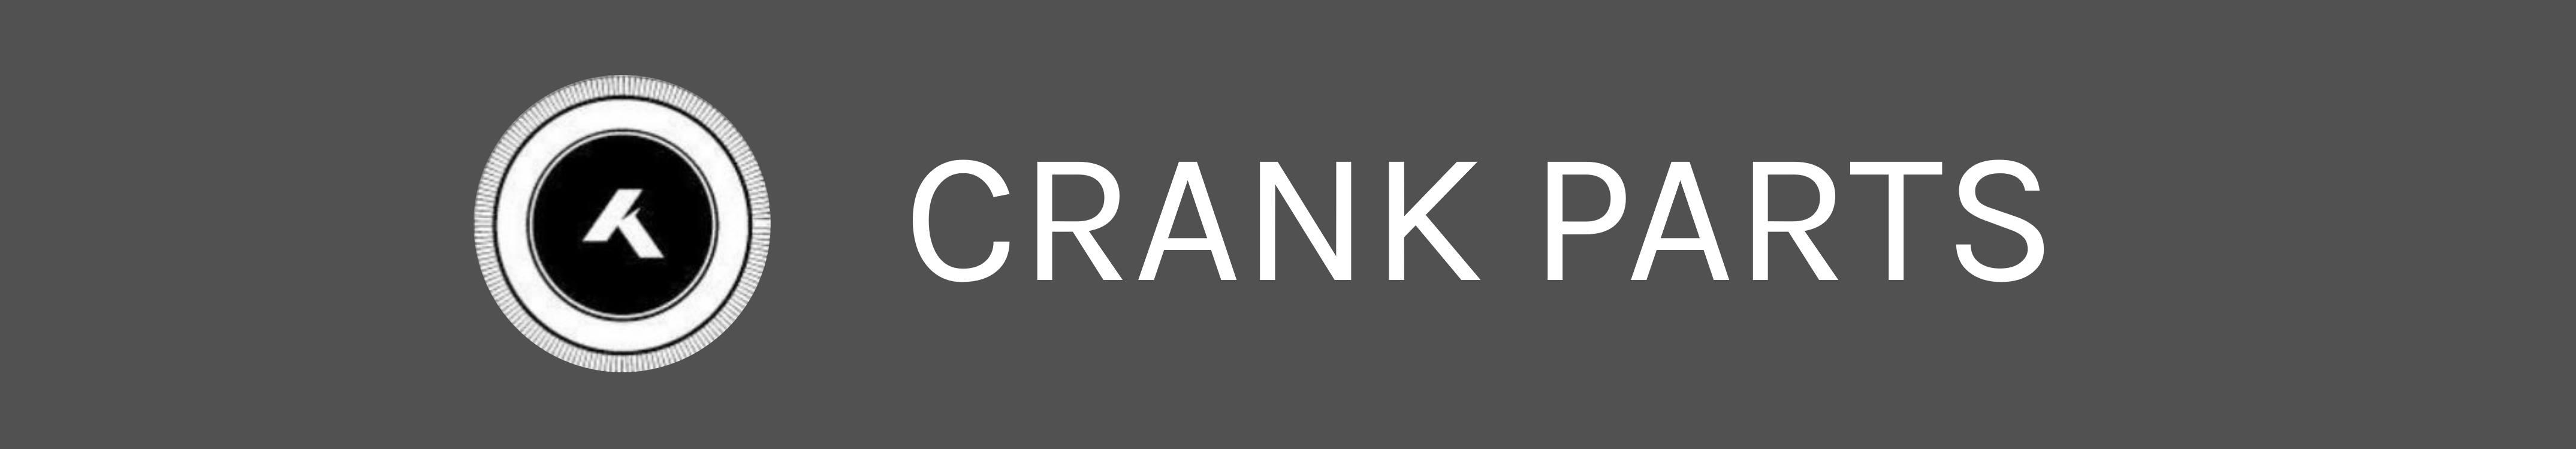 KHE-Banner-crank-parts